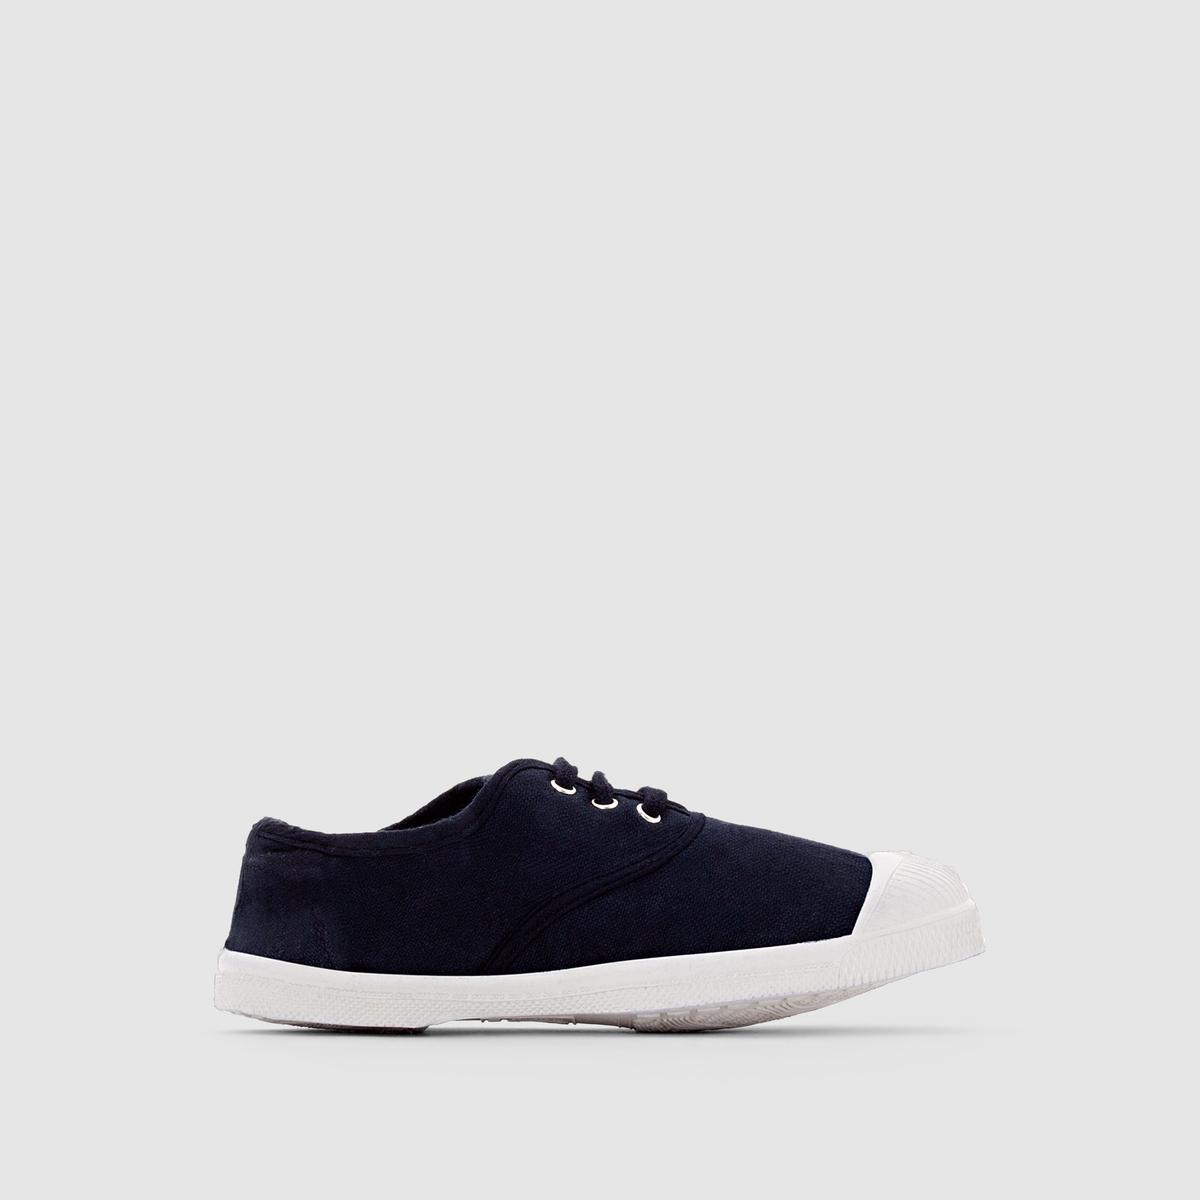 Кеды базовые на шнуровкеПреимущества : Эти низкие кеды из ткани от BENSIMON привлекают своей простотой, не выходящим из моды стилем и темно-синим цветом, который так легко сочетать в этом сезоне.<br><br>Цвет: синий морской<br>Размер: 31